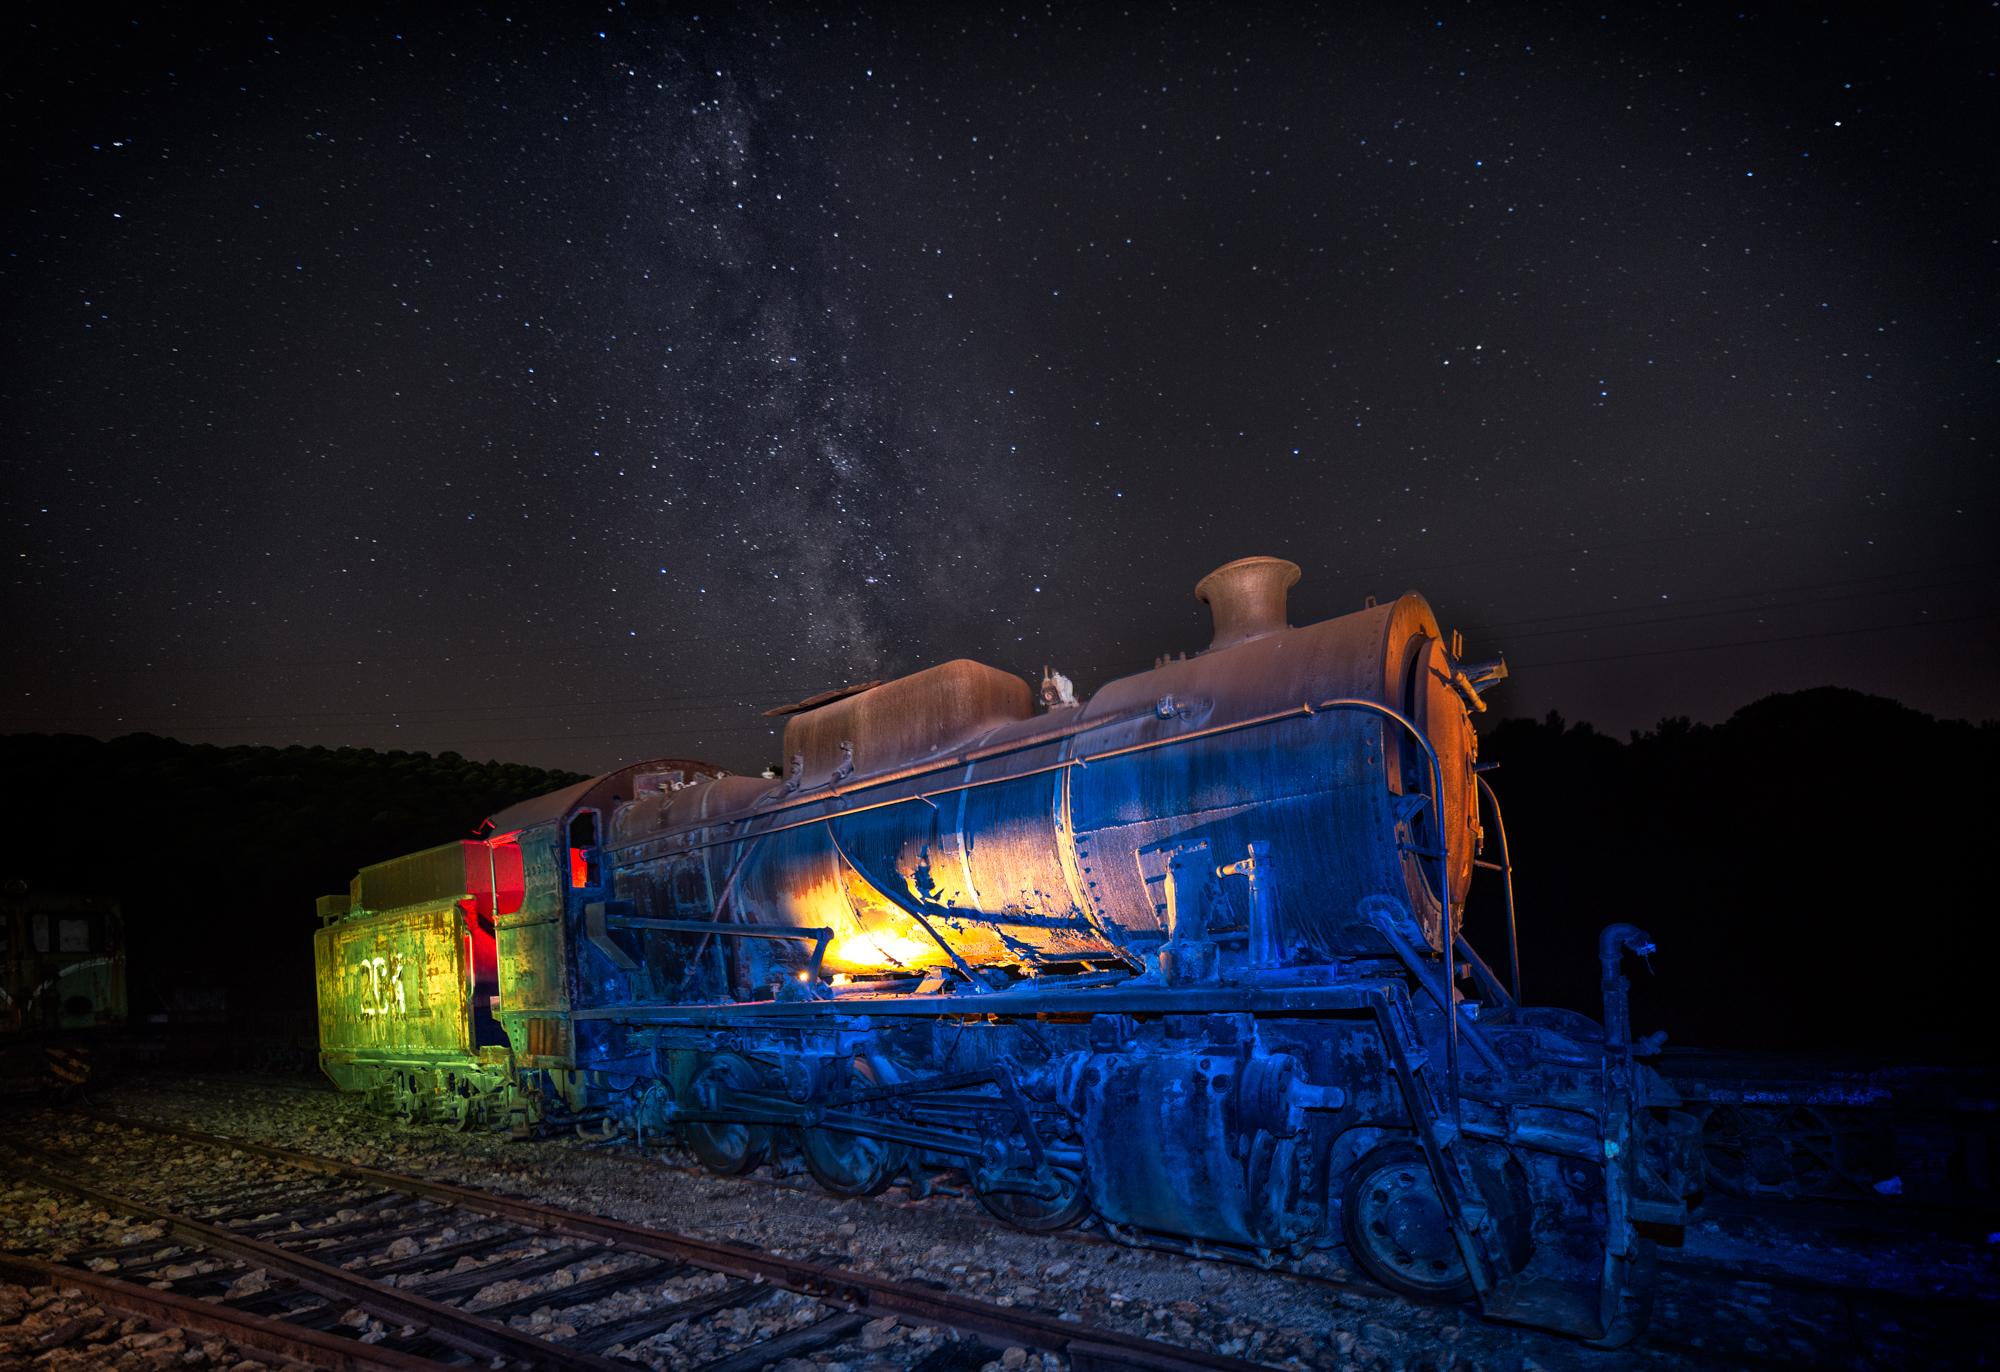 Des gels couleur pour flash sur les paysages industriels